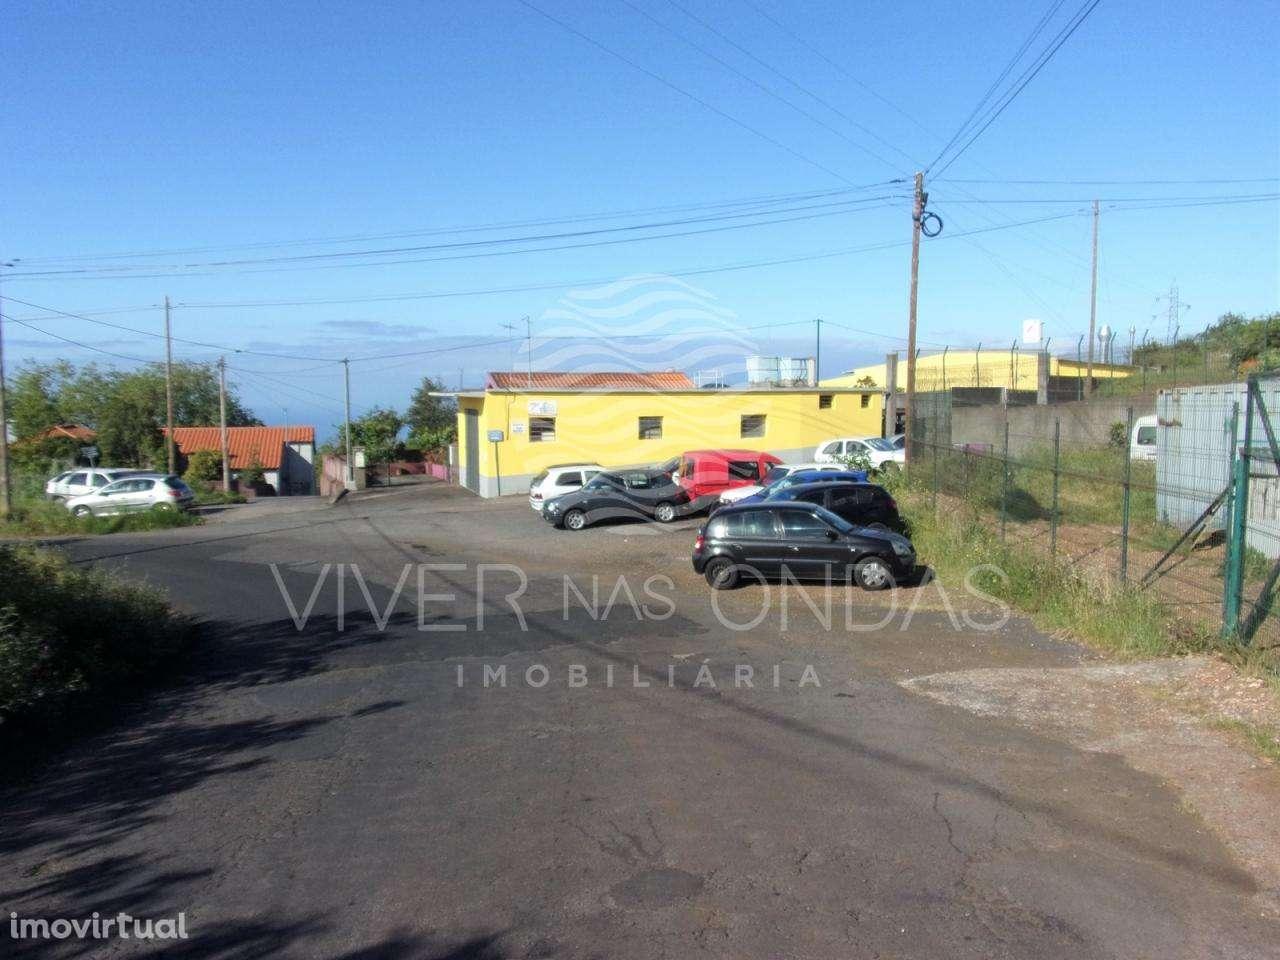 Terreno para comprar, Santa Cruz - Foto 2